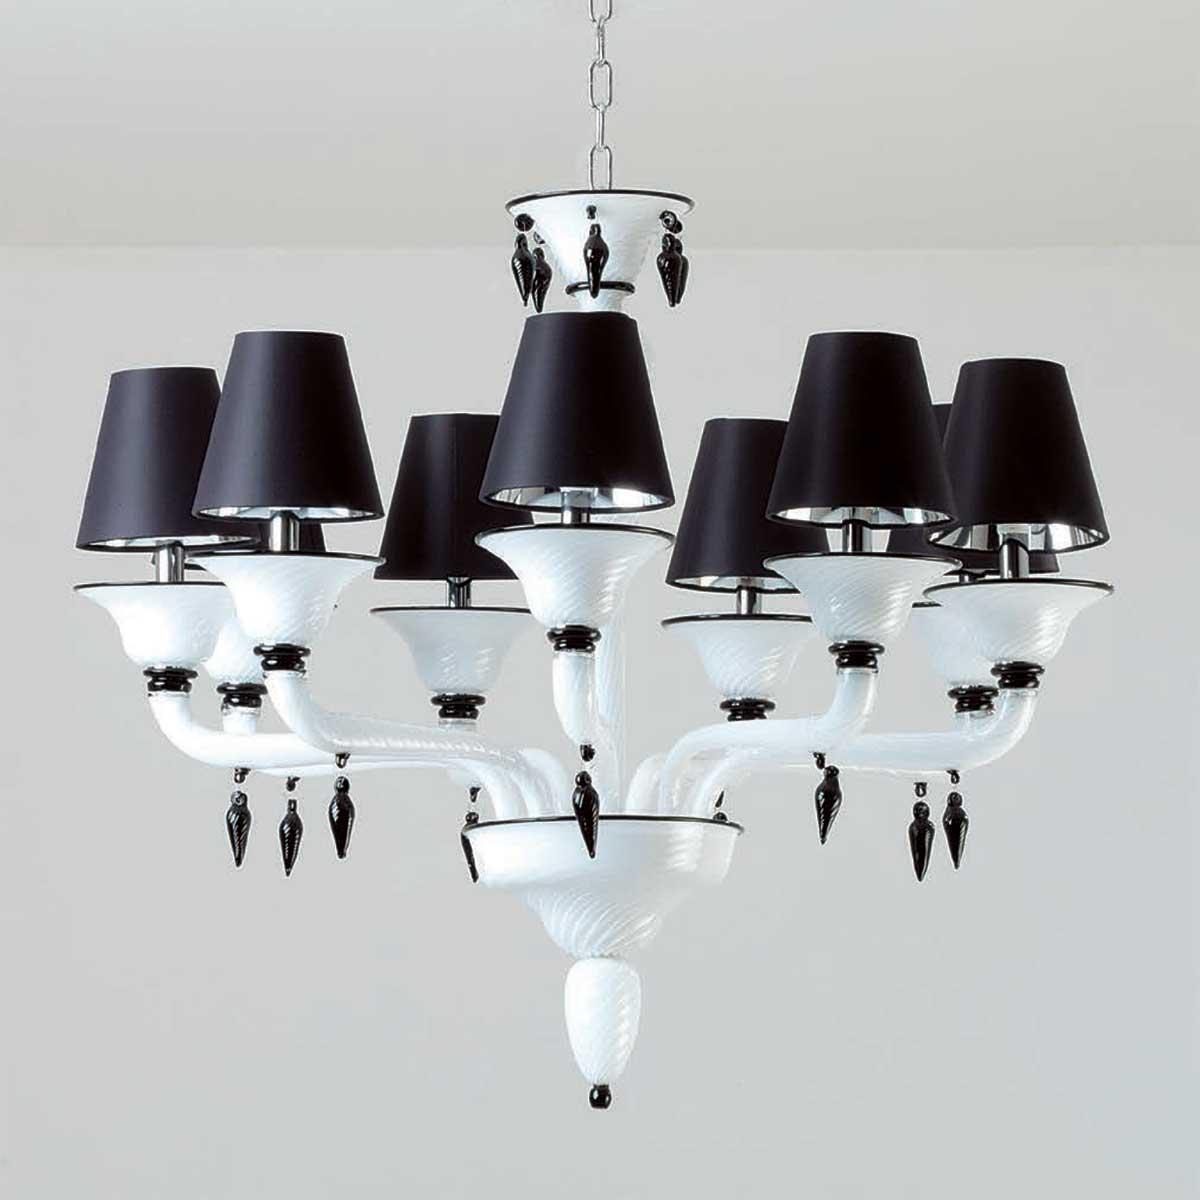 """""""Ofelia"""" lampara de araña de Murano - 9 luces - blanco y negro"""